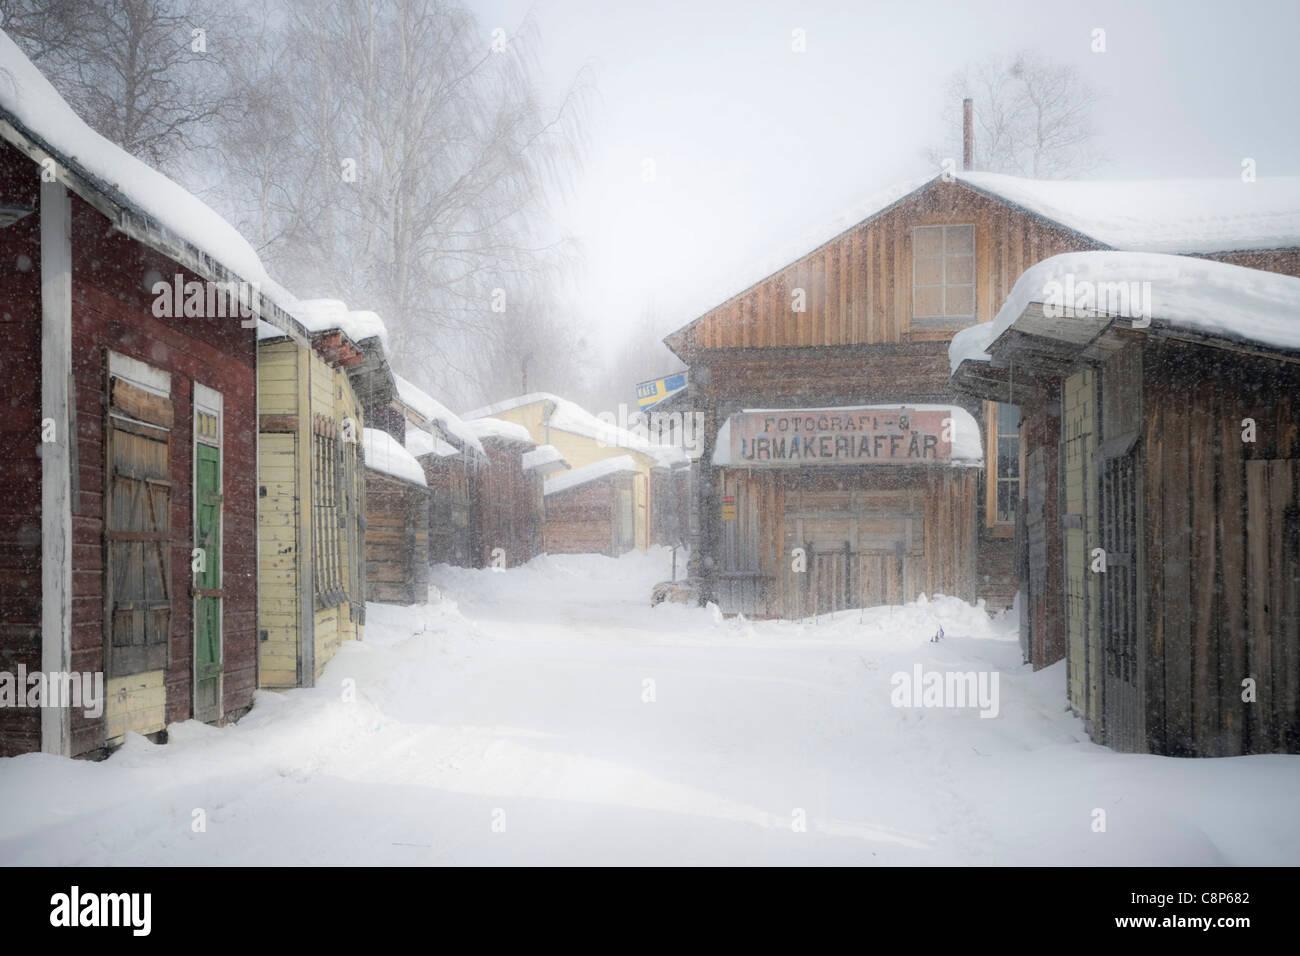 Street in old Gällivare - Stock Image